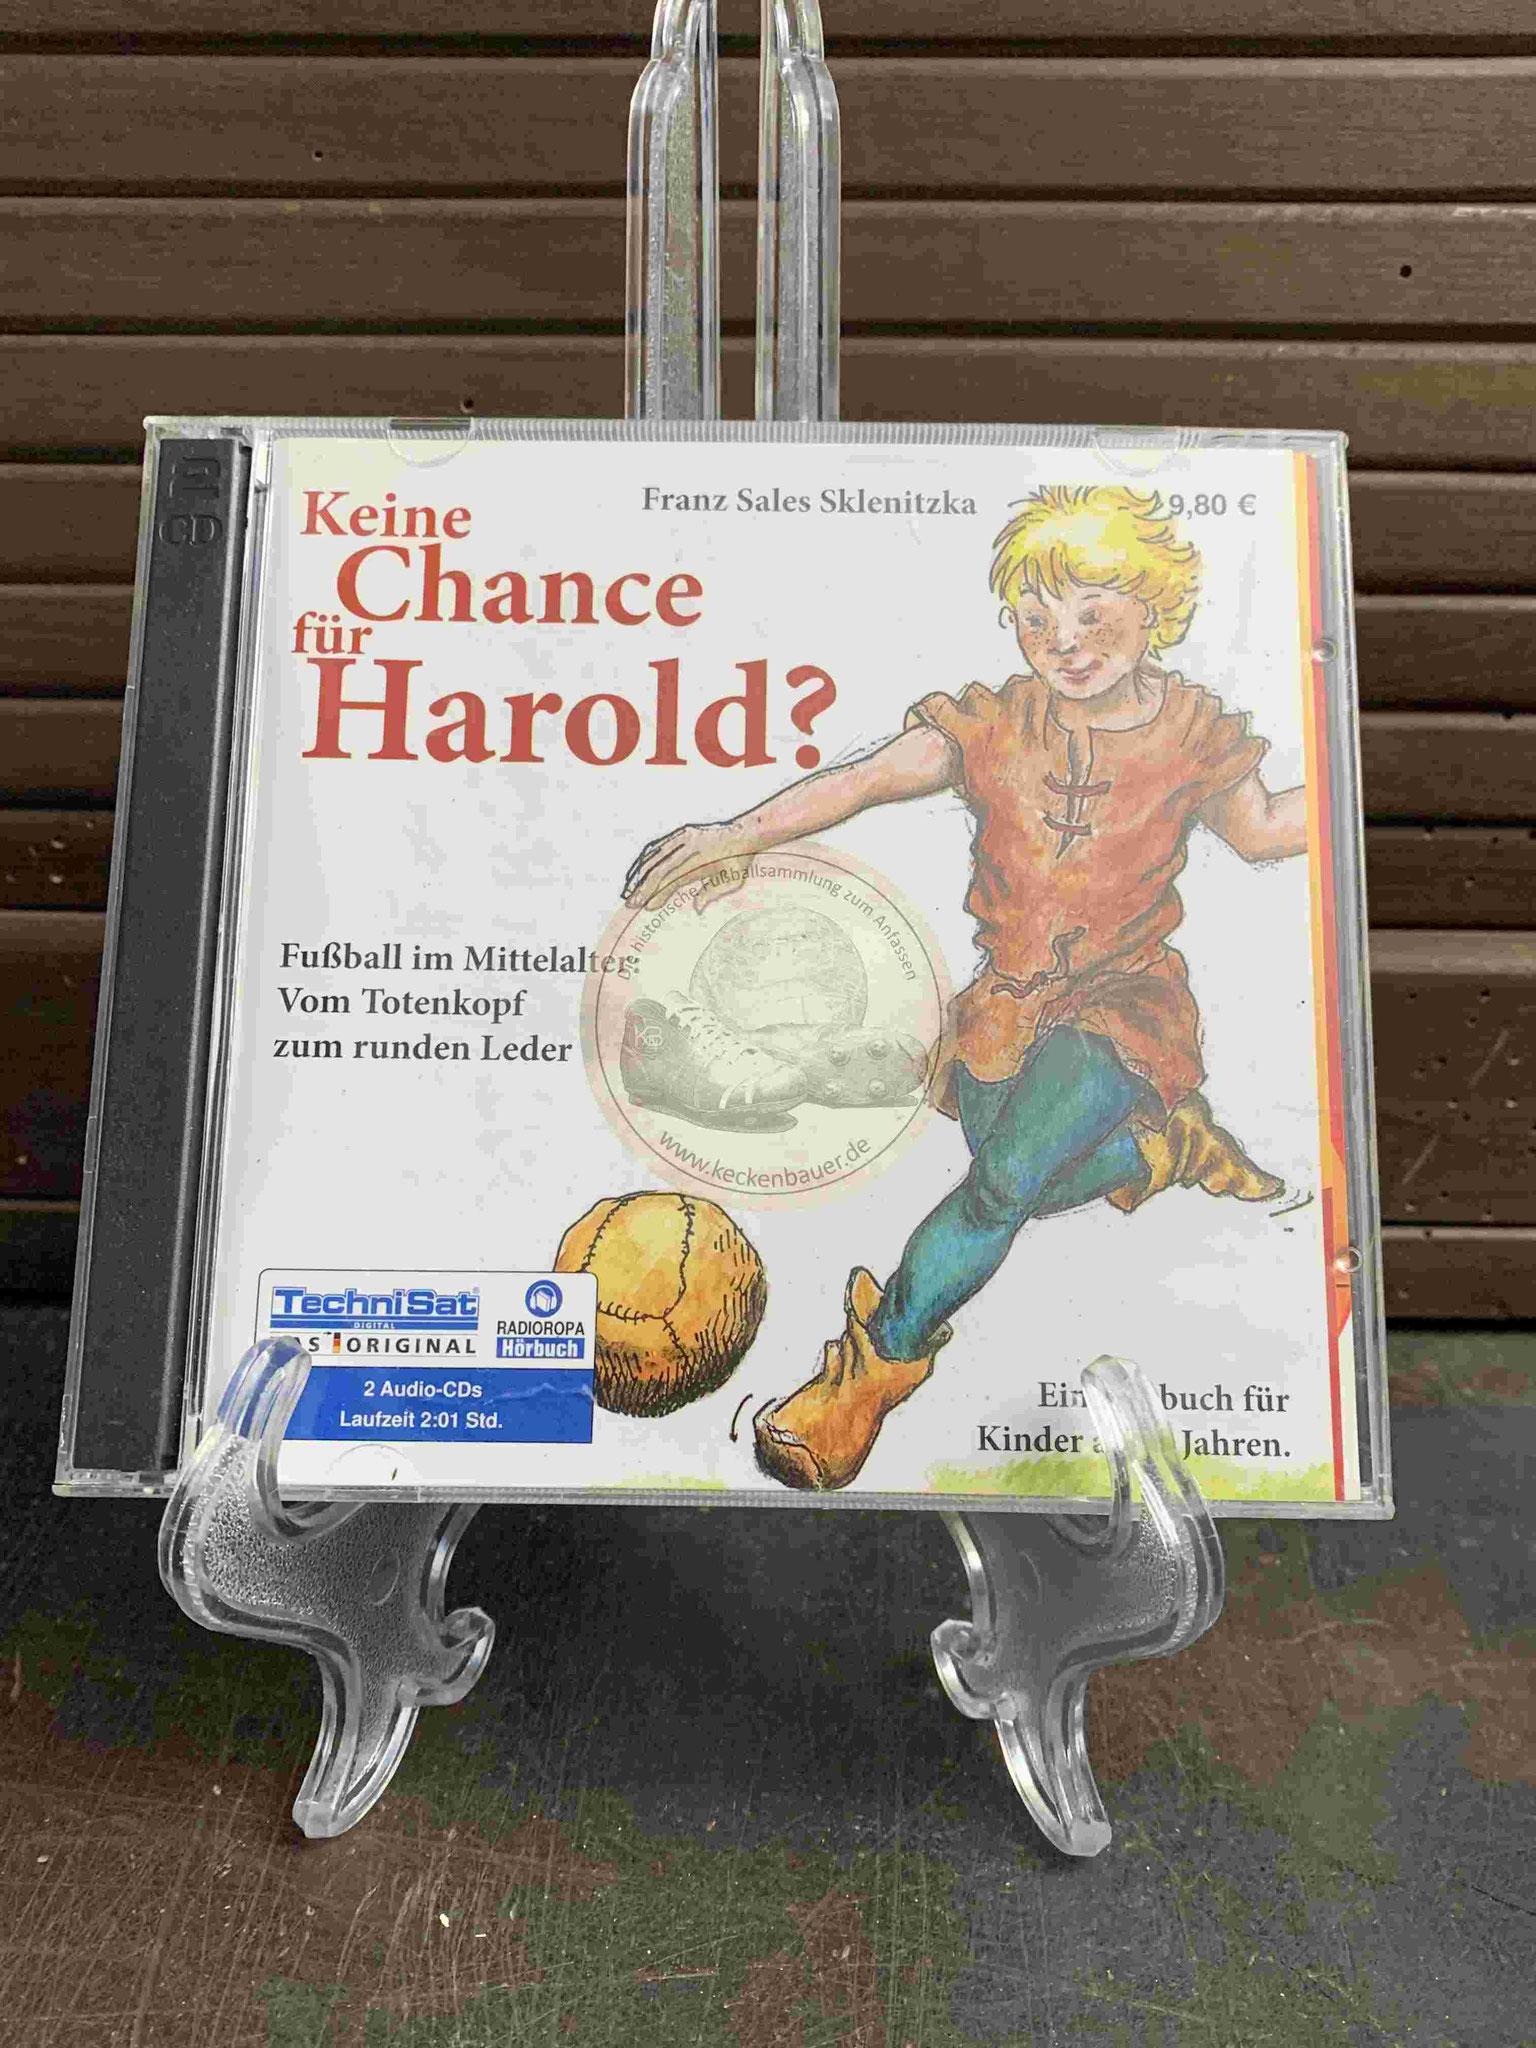 2007 Keine Chance für Harold